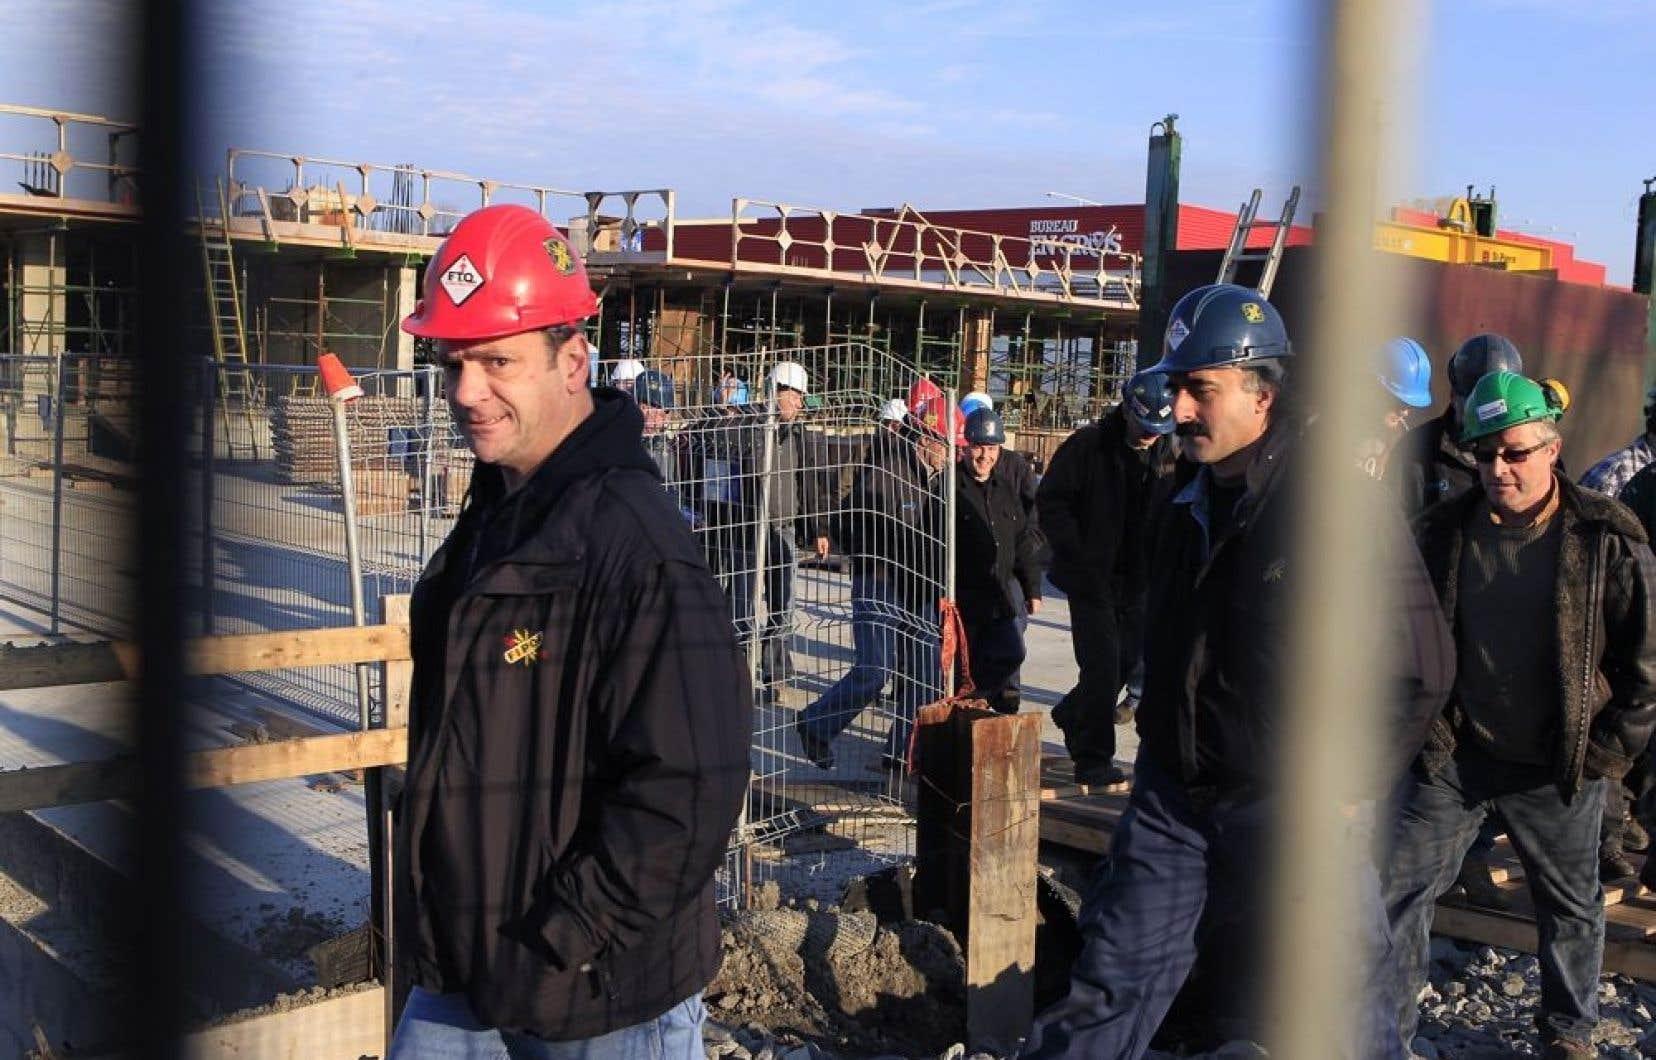 &Agrave; la FTQ-Construction, on refuse de d&eacute;voiler l&rsquo;identit&eacute; des personnes concern&eacute;es par le travail des enqu&ecirc;teurs. Ci-haut, des membres du syndicat sur un chantier.<br />